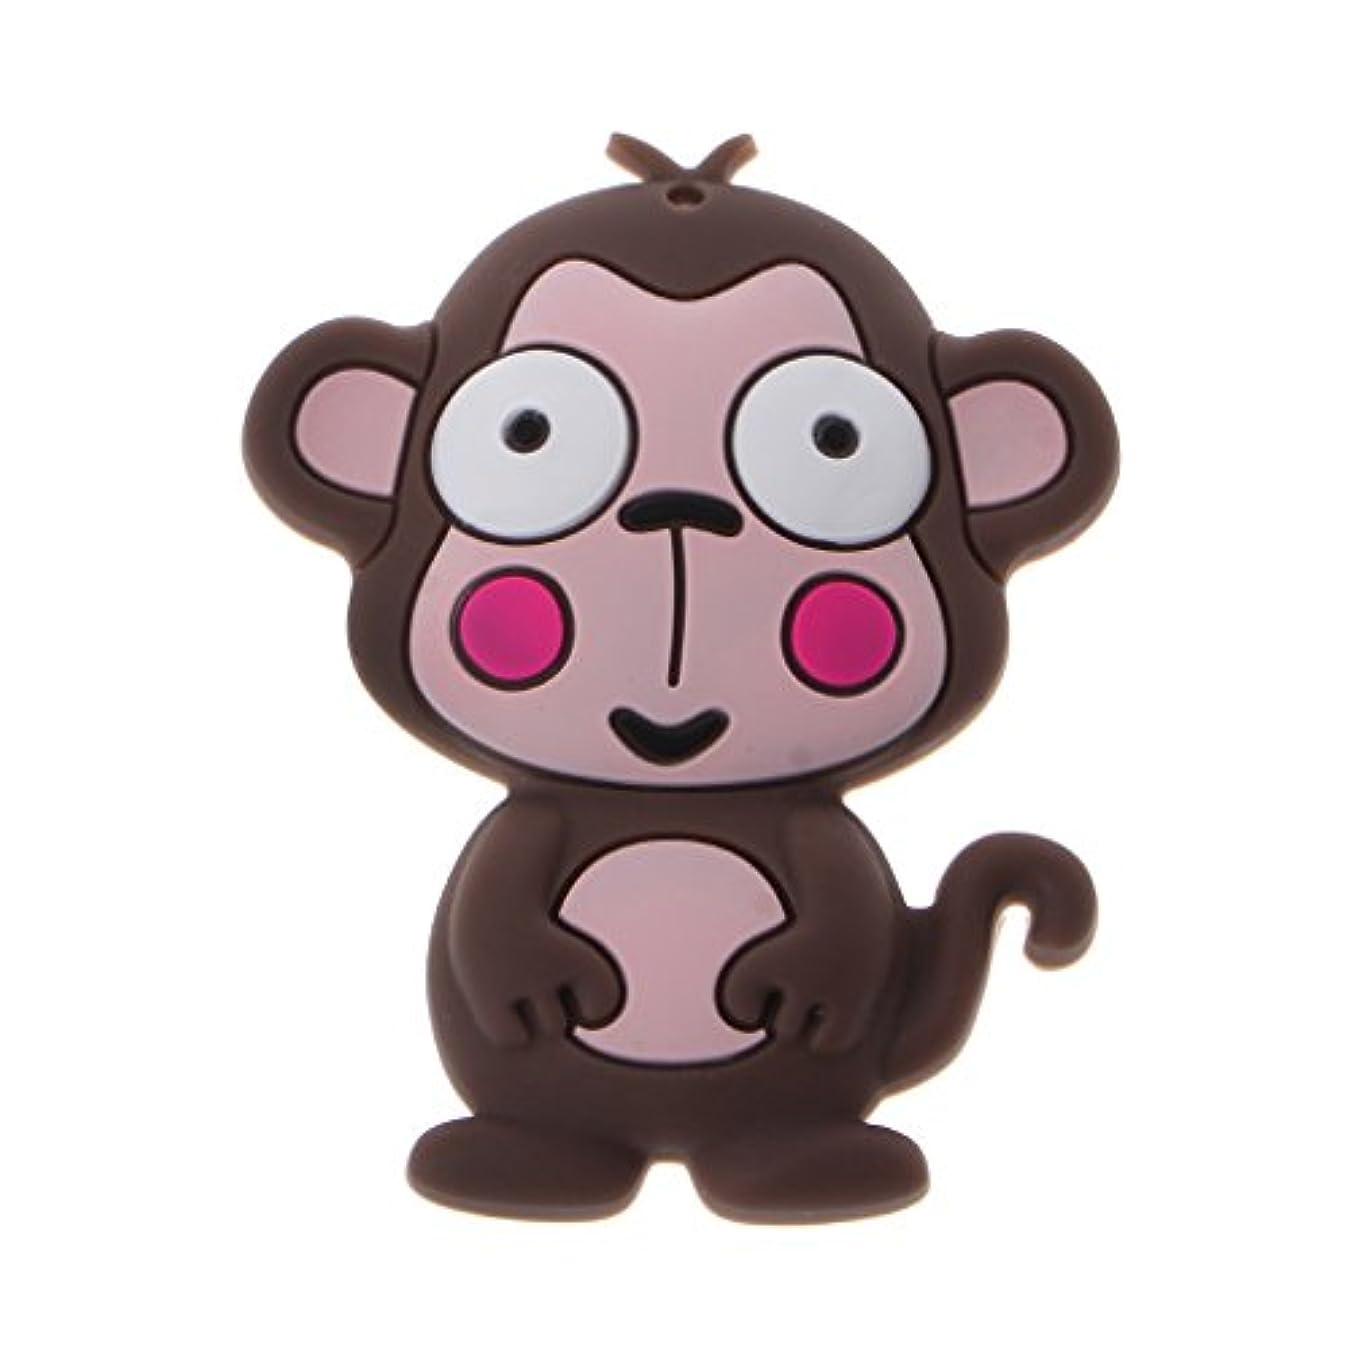 わがまま病院段階Landdumシリコーンおしゃぶり漫画猿頭蓋骨おしゃぶり赤ちゃん看護玩具かむ玩具歯が生えるガラガラおもちゃ